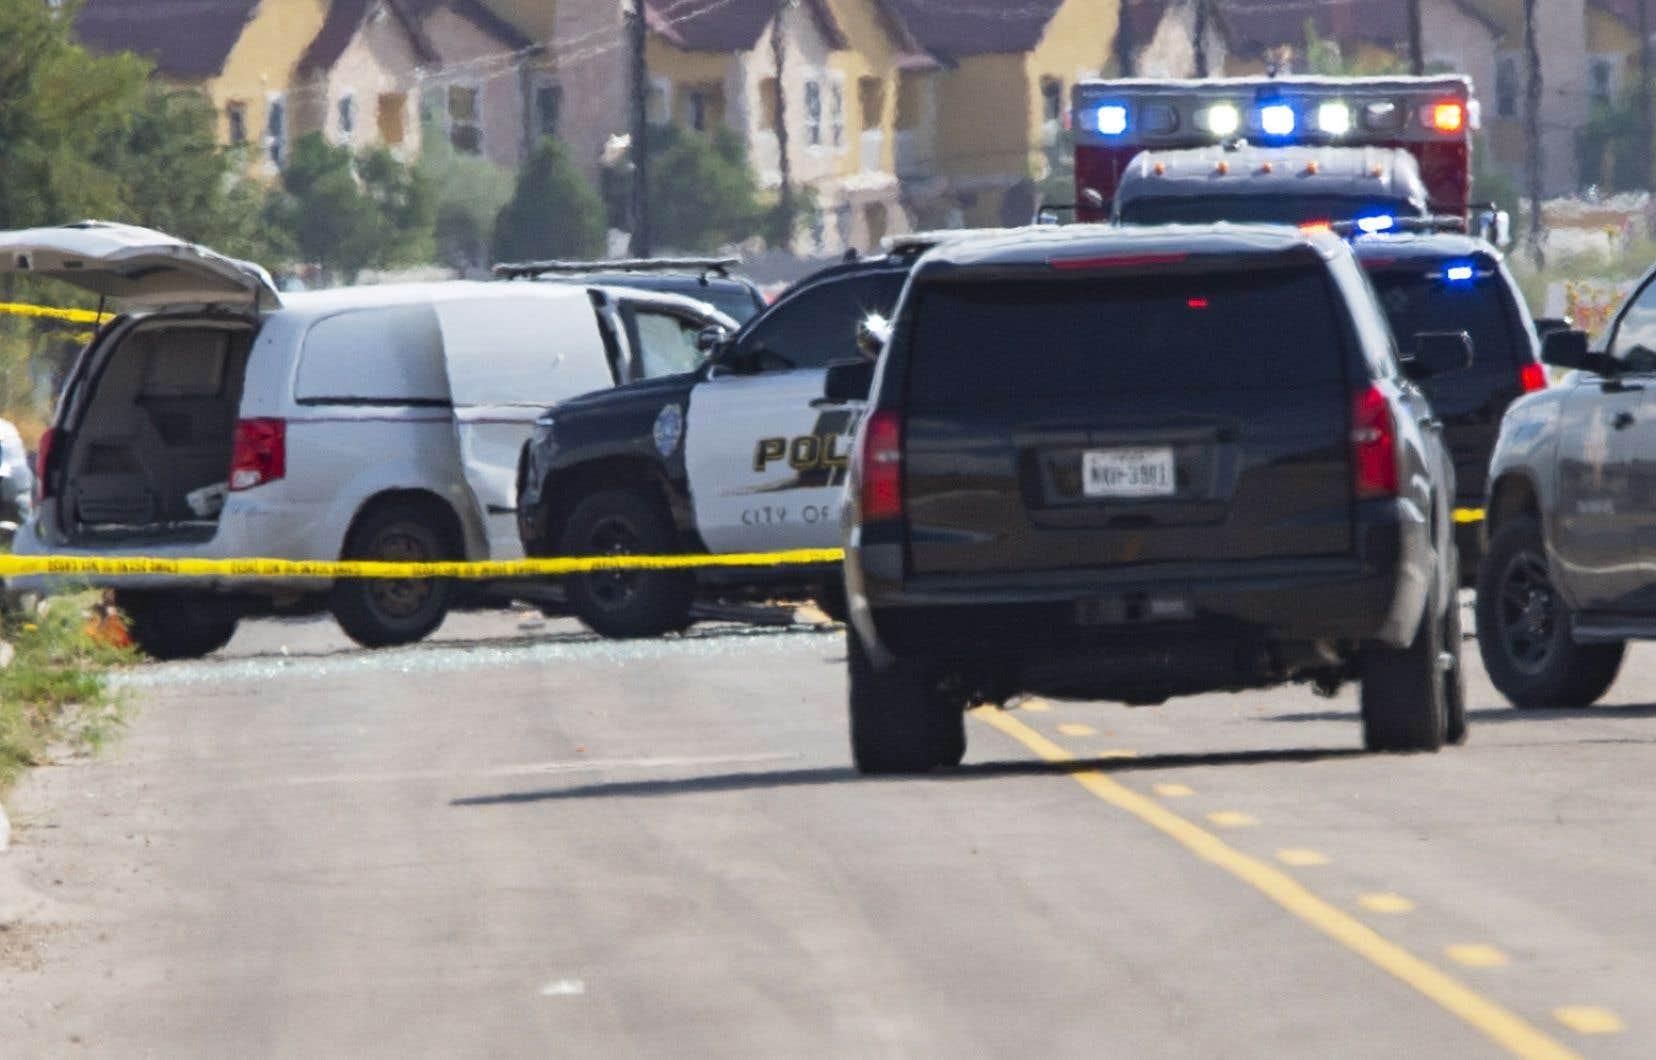 Le tireur a été abattu par la police durant un échange de coups de feu.